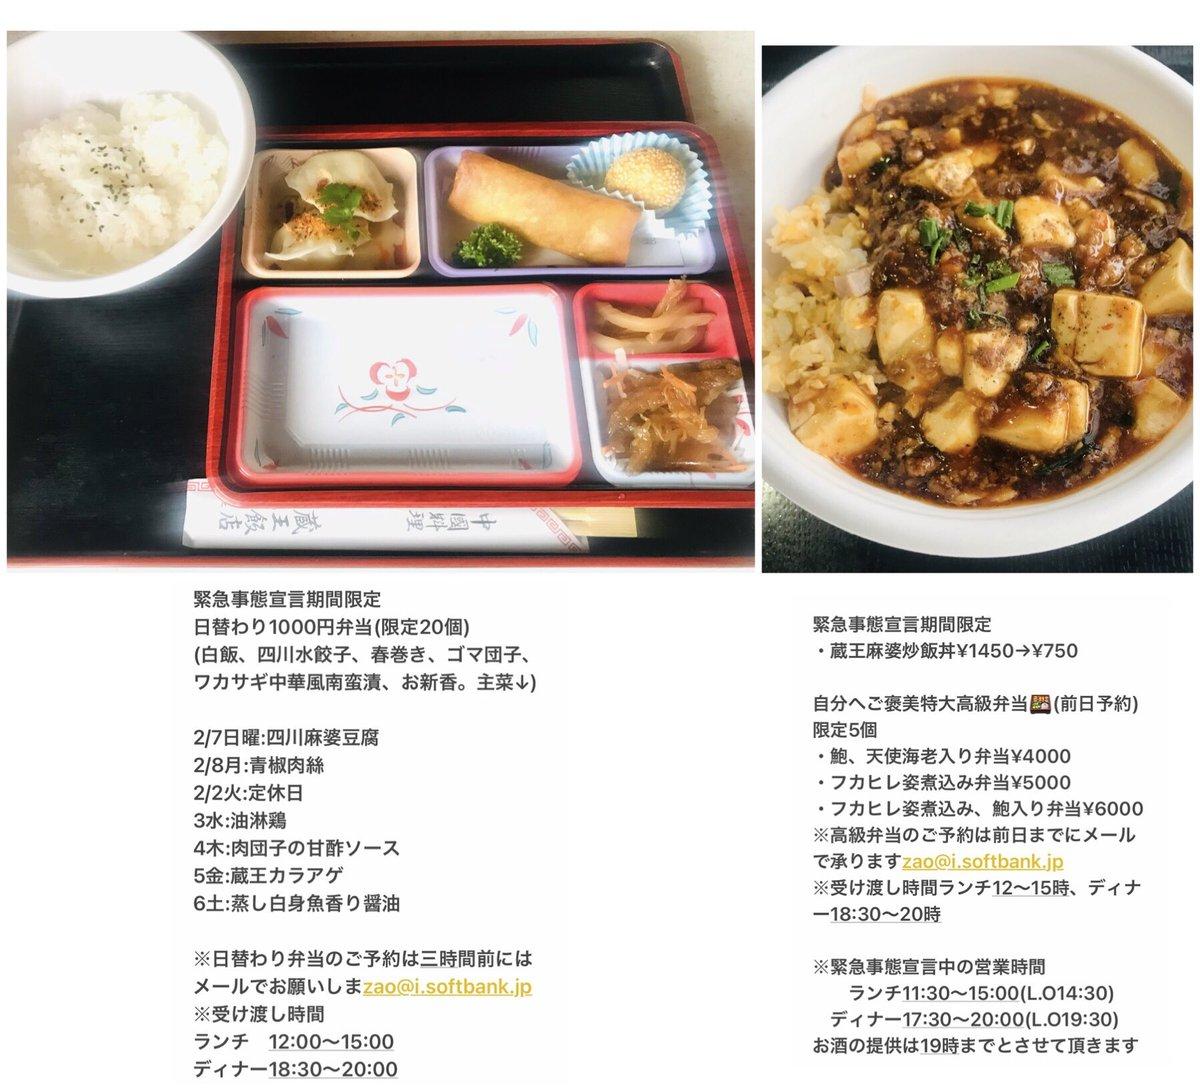 遅くなりました、今週1週間の日替わり弁当です♫テイクアウト受け渡し時間ランチ 12:00〜15:00ディナー18:30〜20:00テイクアウトのご予約は3時間前までにメール(zao@i.softbank.jp)でお願いします。